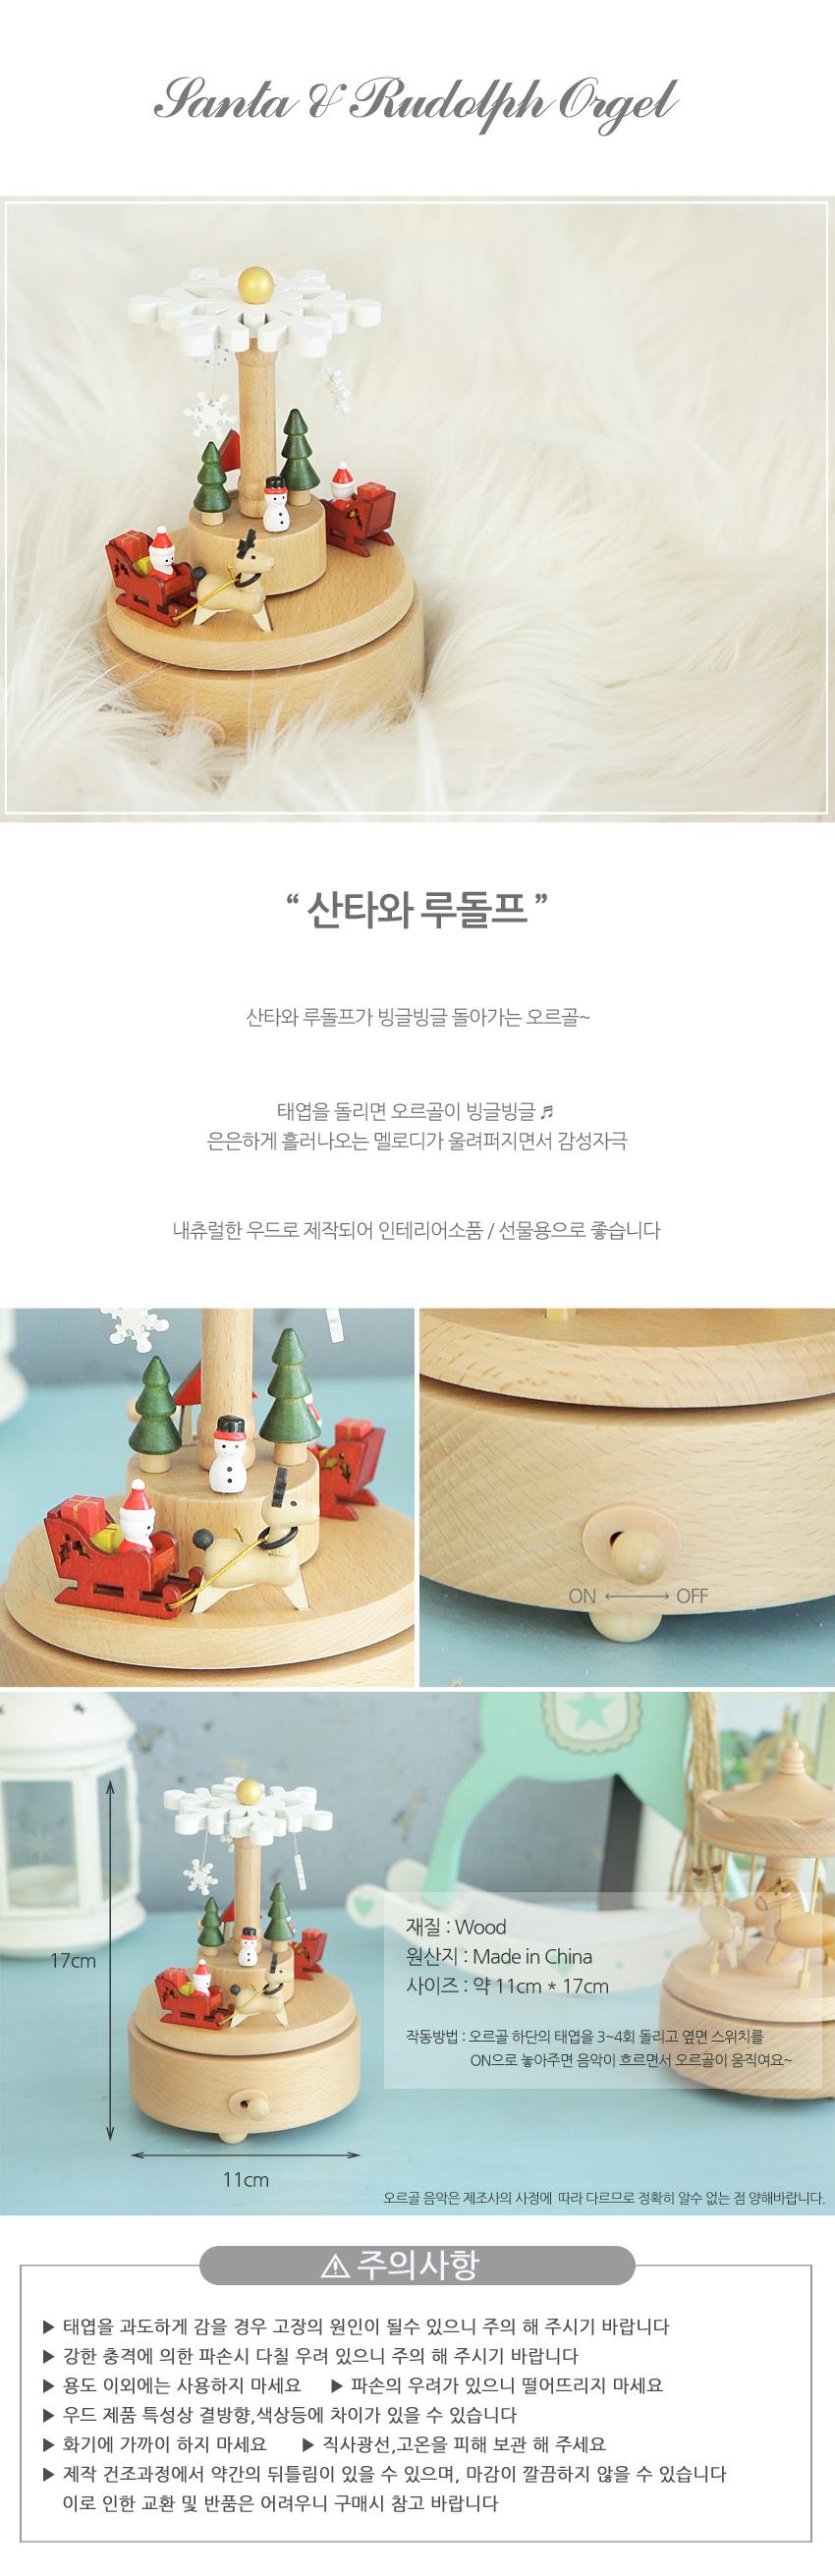 산타와루돌프 오르골 뮤직박스 인테리어 소품 장난감 - 알사탕닷컴, 35,400원, 조화, 카네이션(조화)